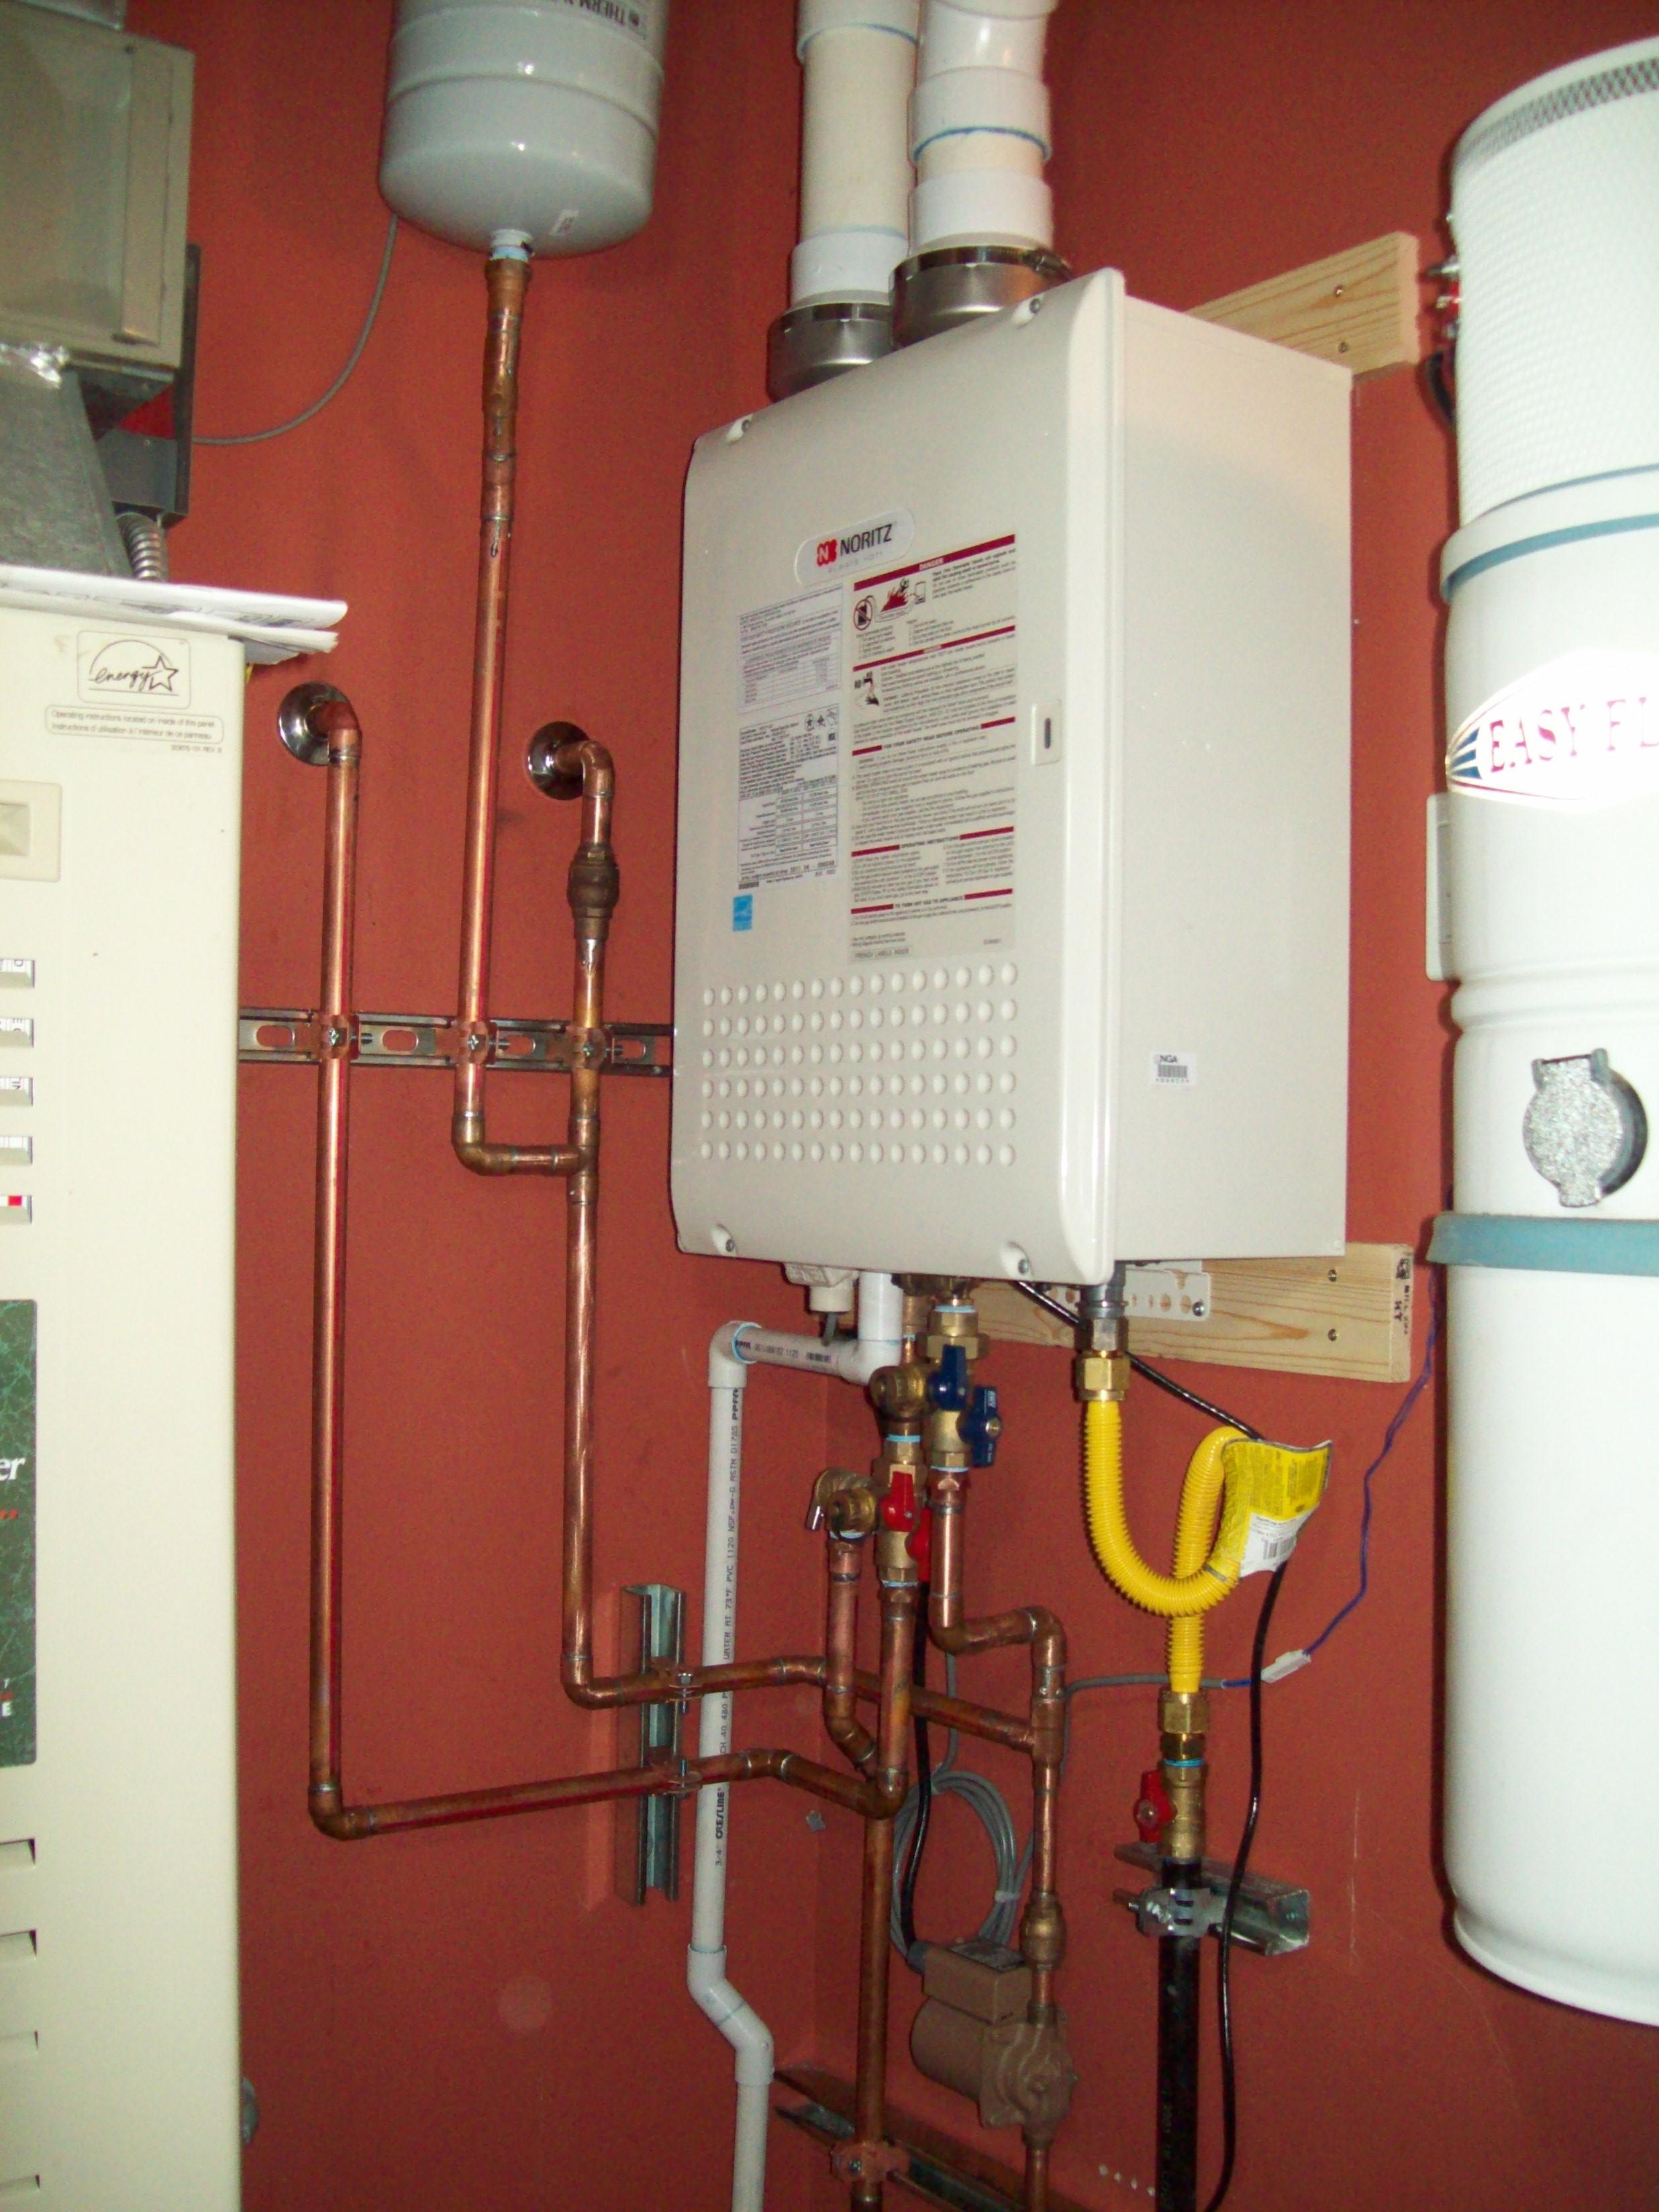 Noritz Nrc111 Condensing Unit With Recirc Pump White